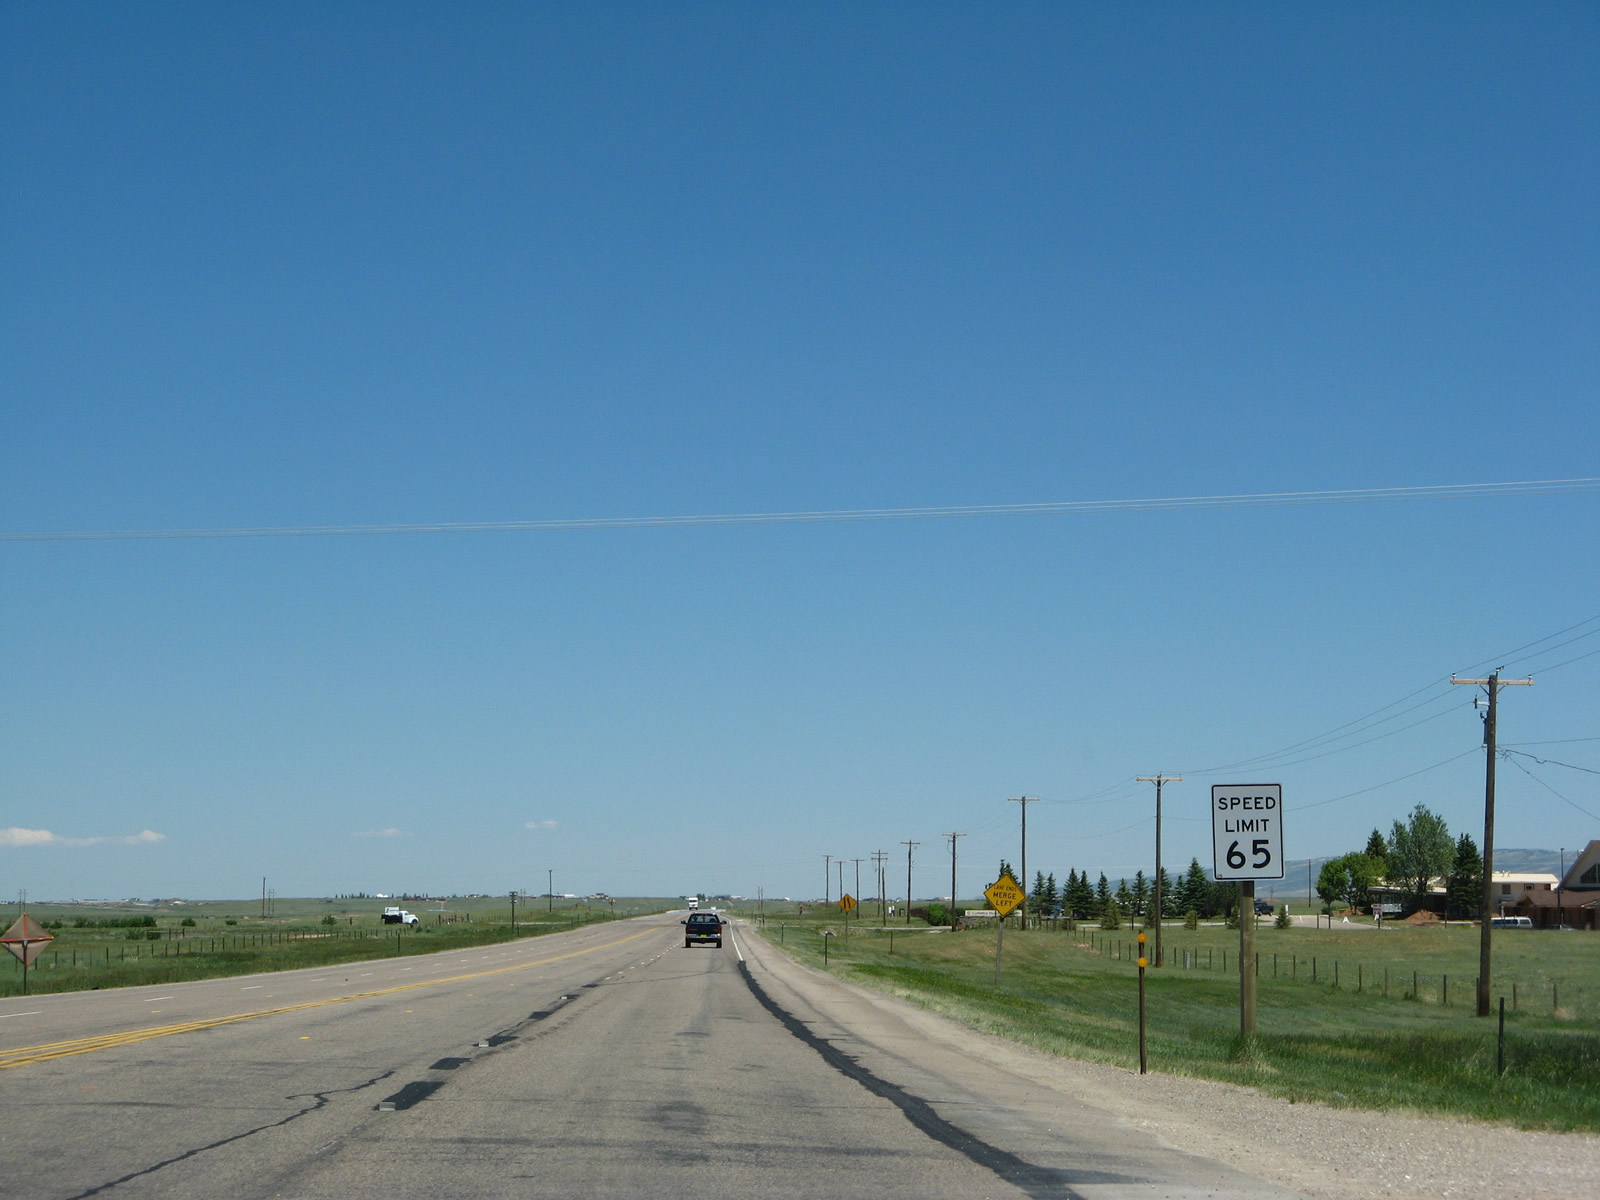 Wyoming @ AARoads - U.S. Highway 30